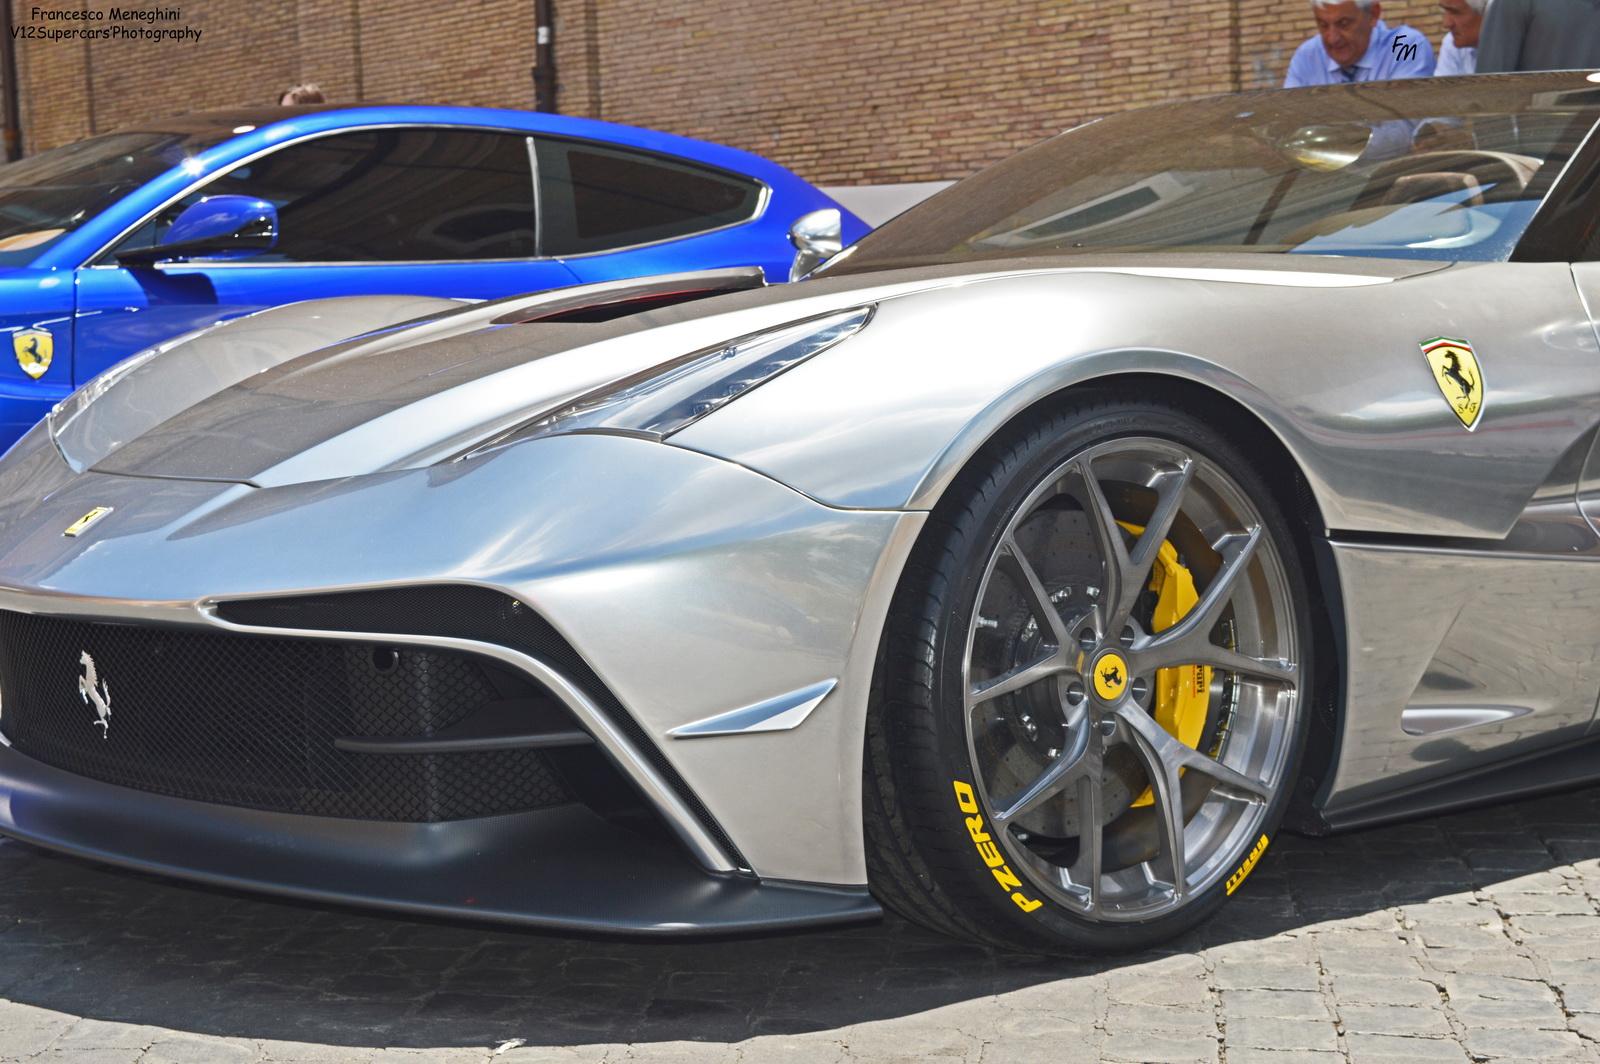 Ngắm vẻ sang trọng của chiếc Ferarri F12 TRS dát bạc